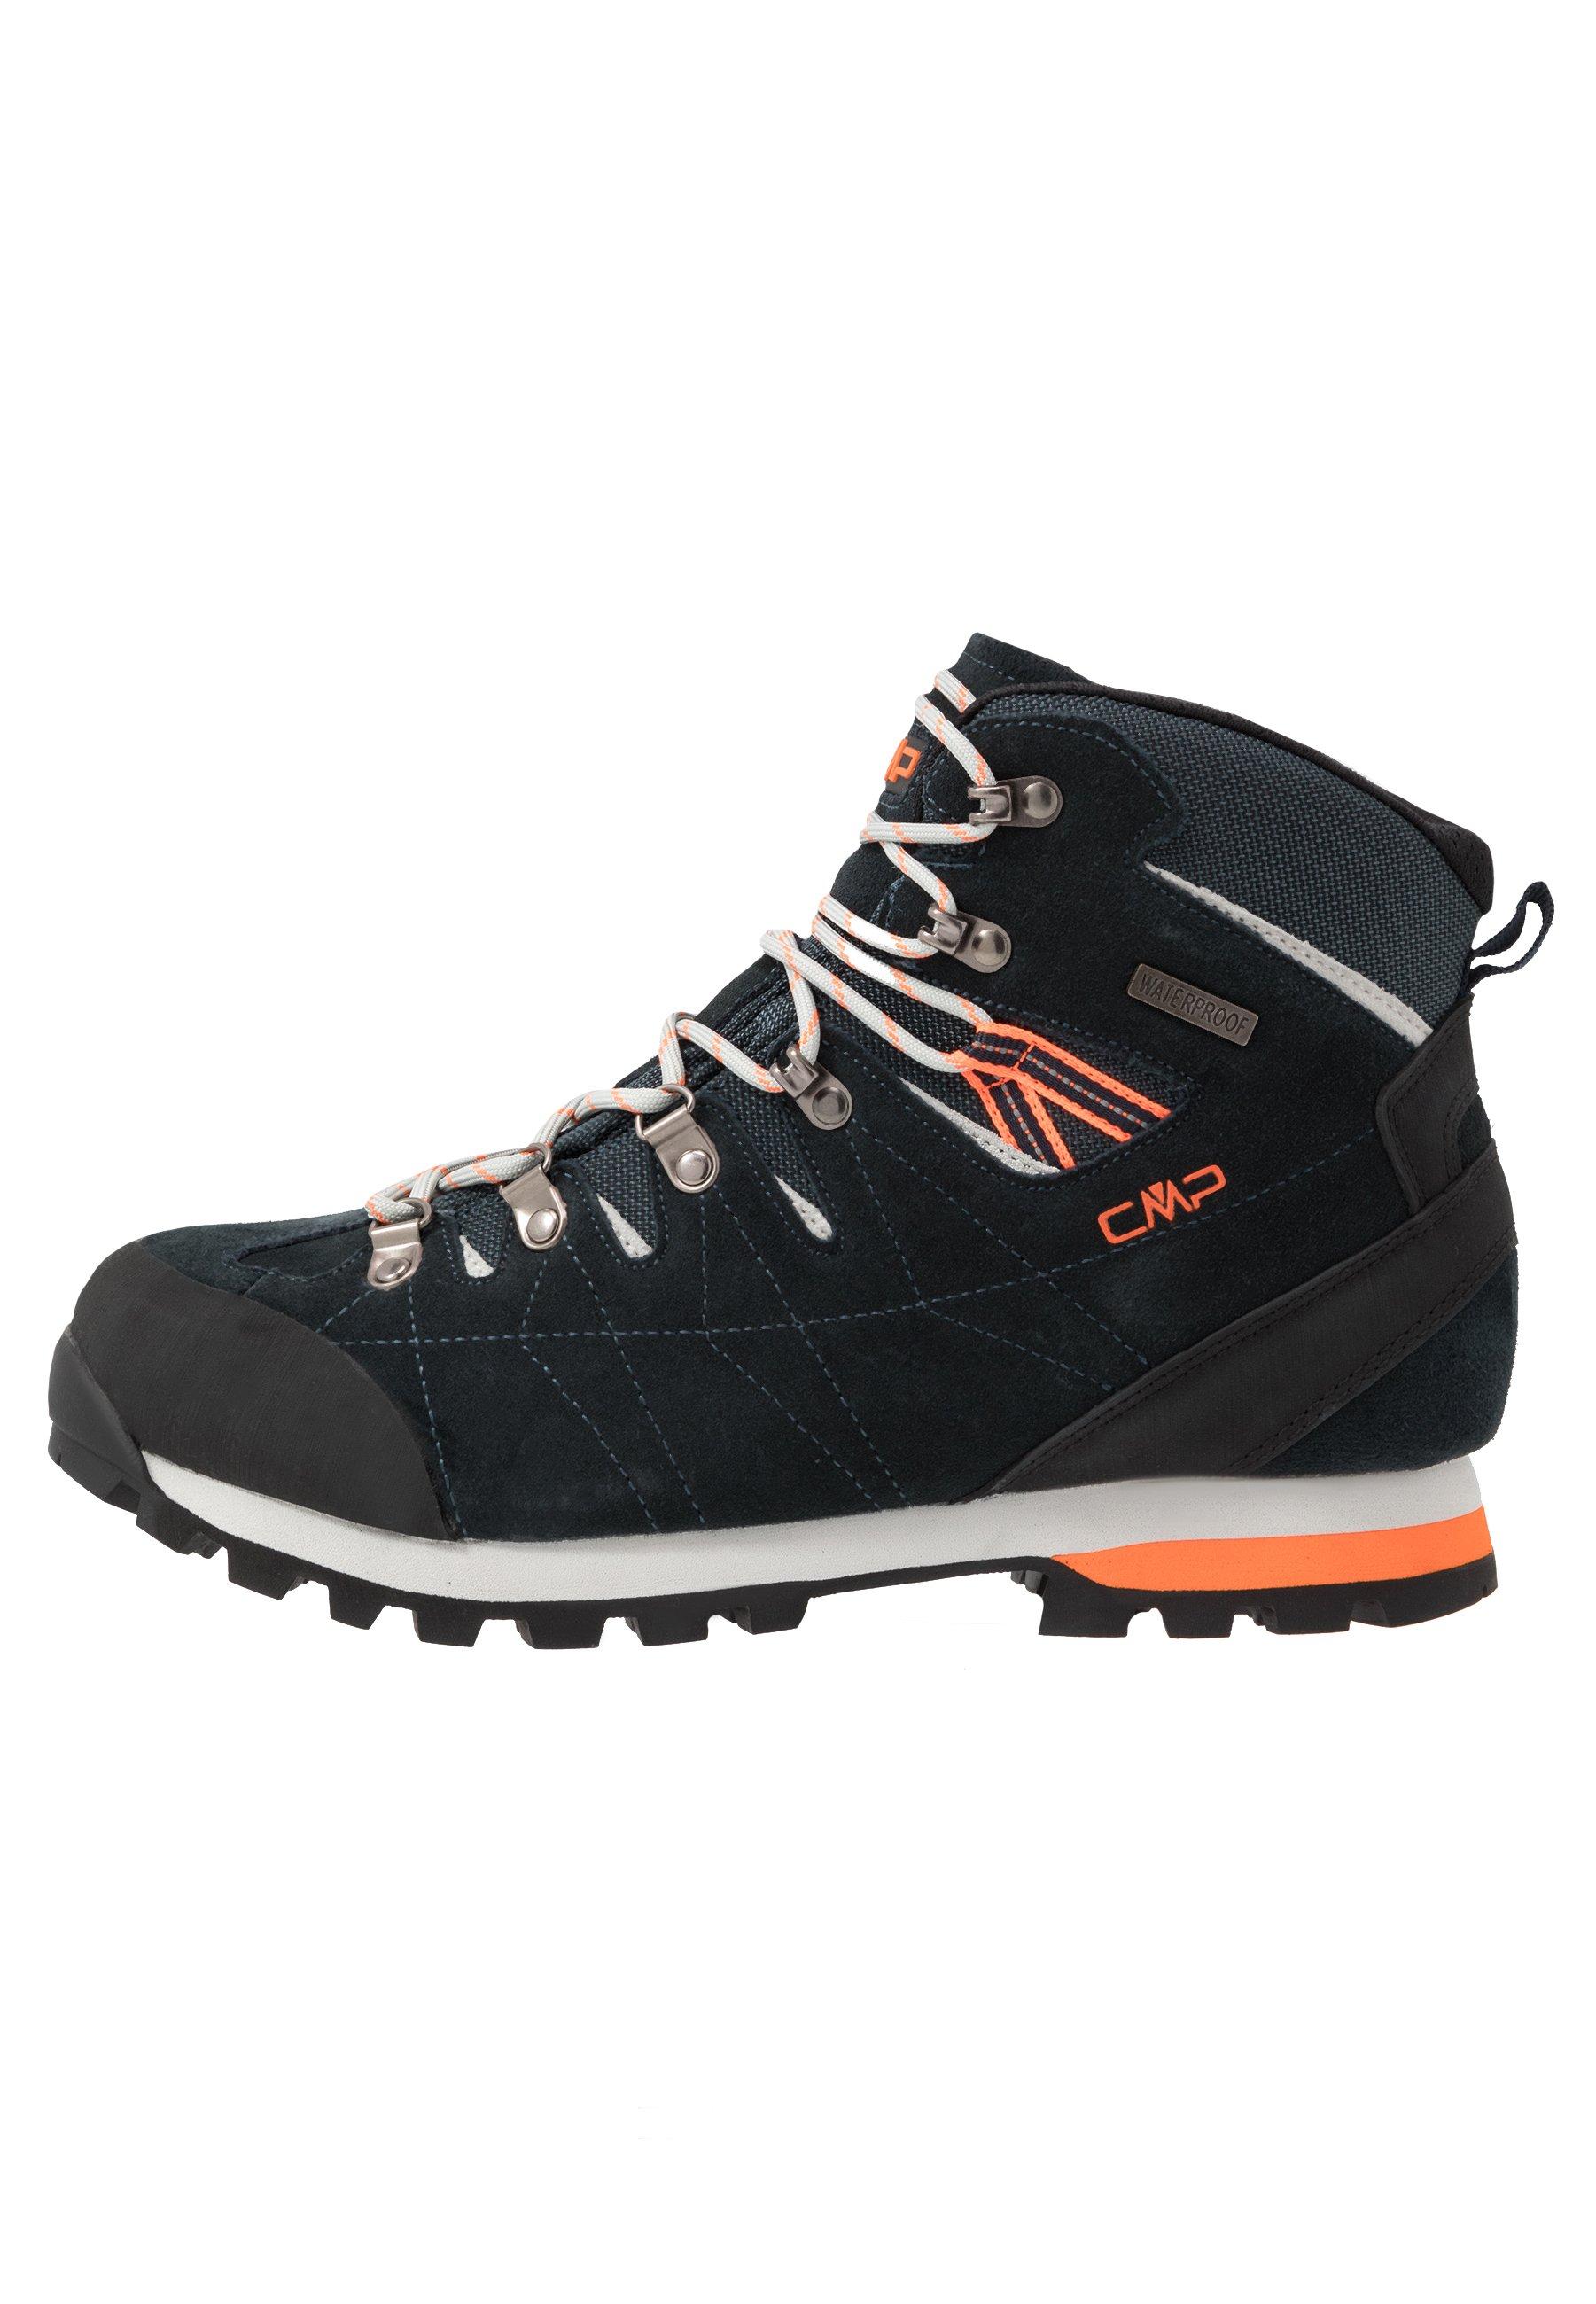 Cmp Arietis Trekking Shoes Wp - Chaussures De Marche Antracite/flash Orange